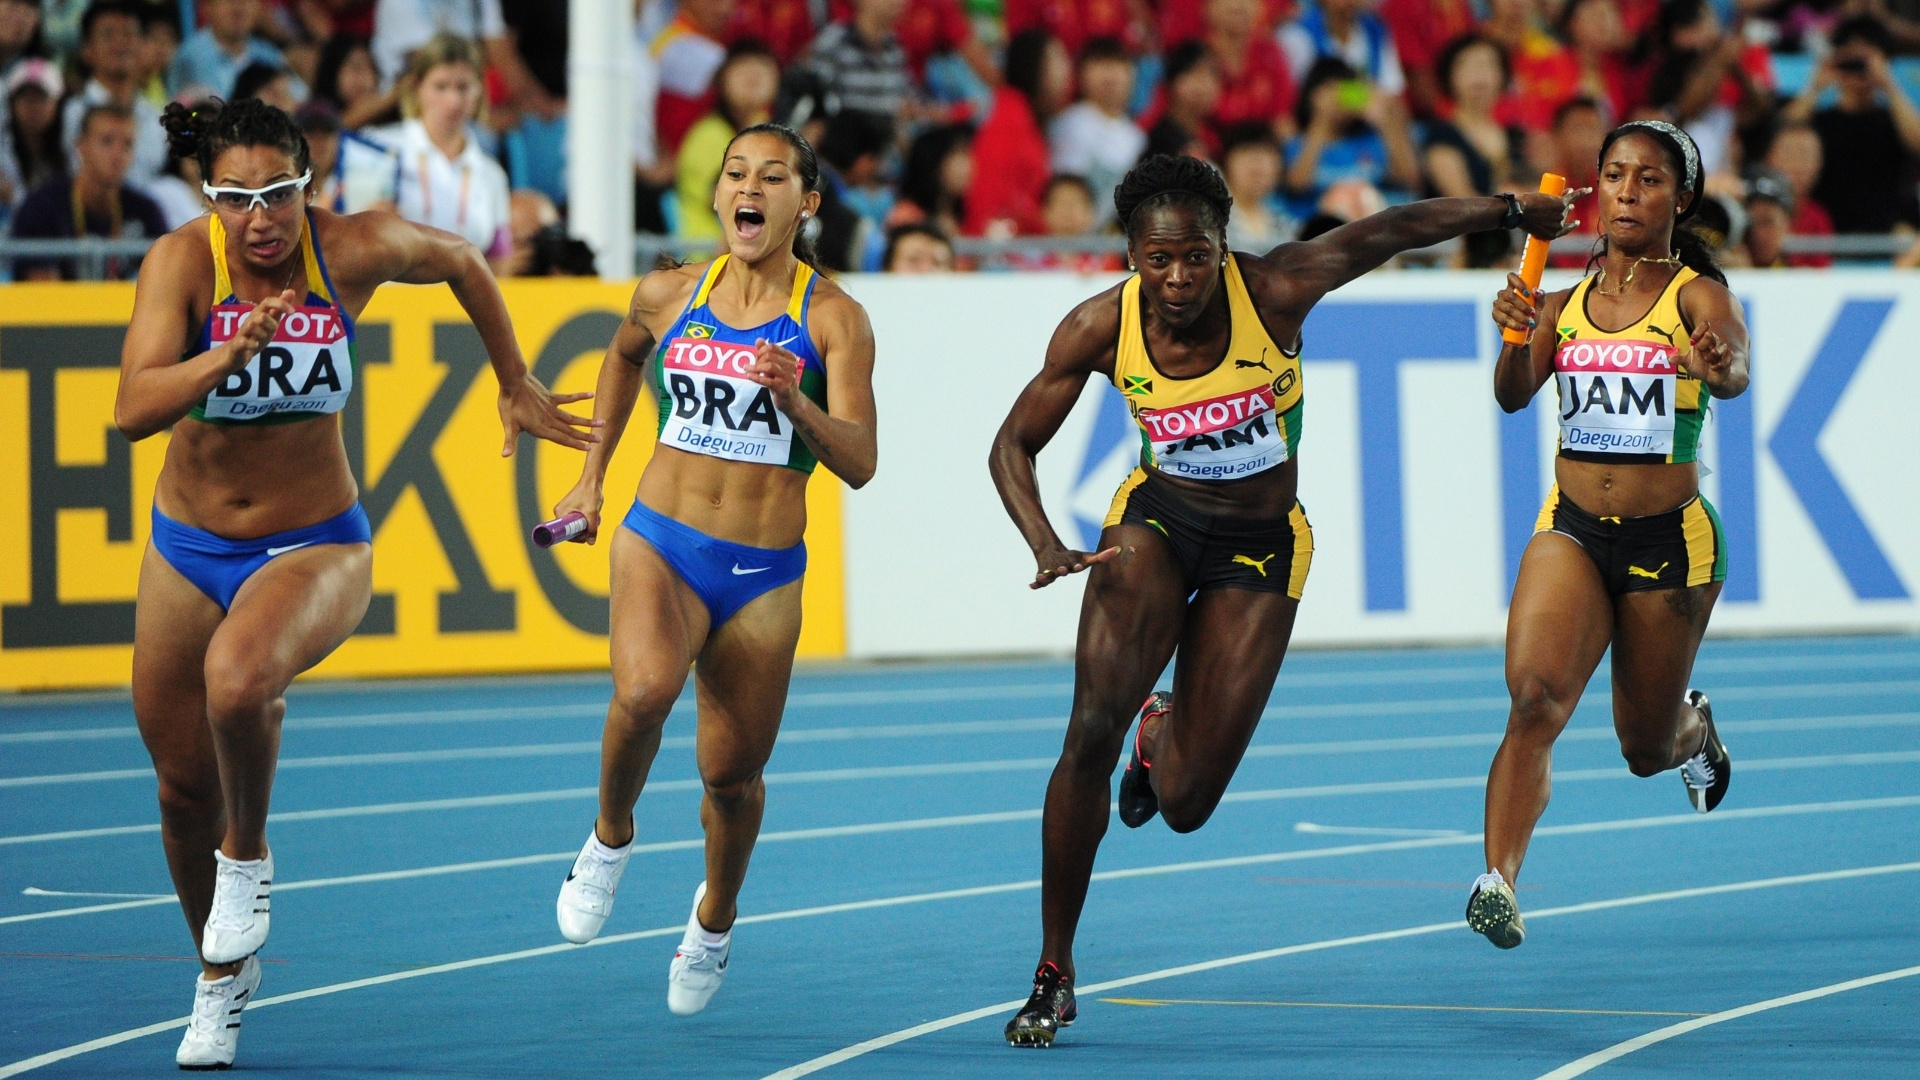 Ana Cláudia Silva passa o bastão para Vanda Gomes na semifinal do revezamento 4x100 m feminino em Daegu (04/09/2011)